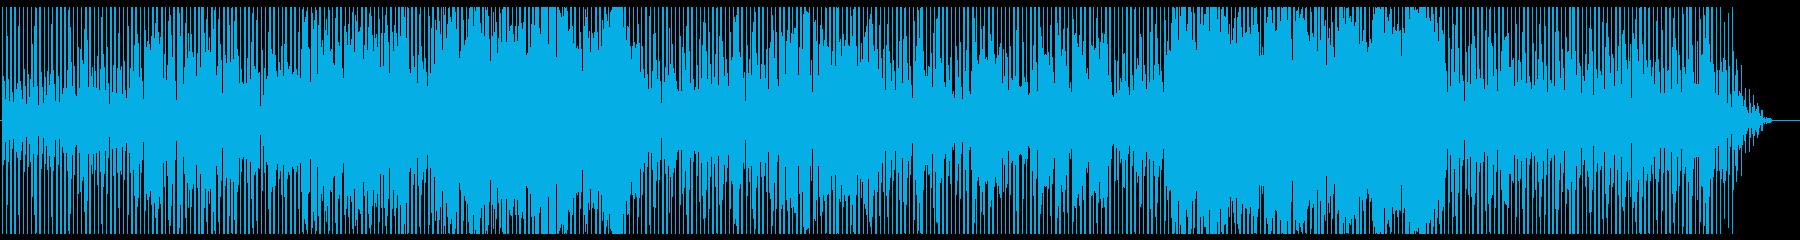 ブルーハワイの再生済みの波形